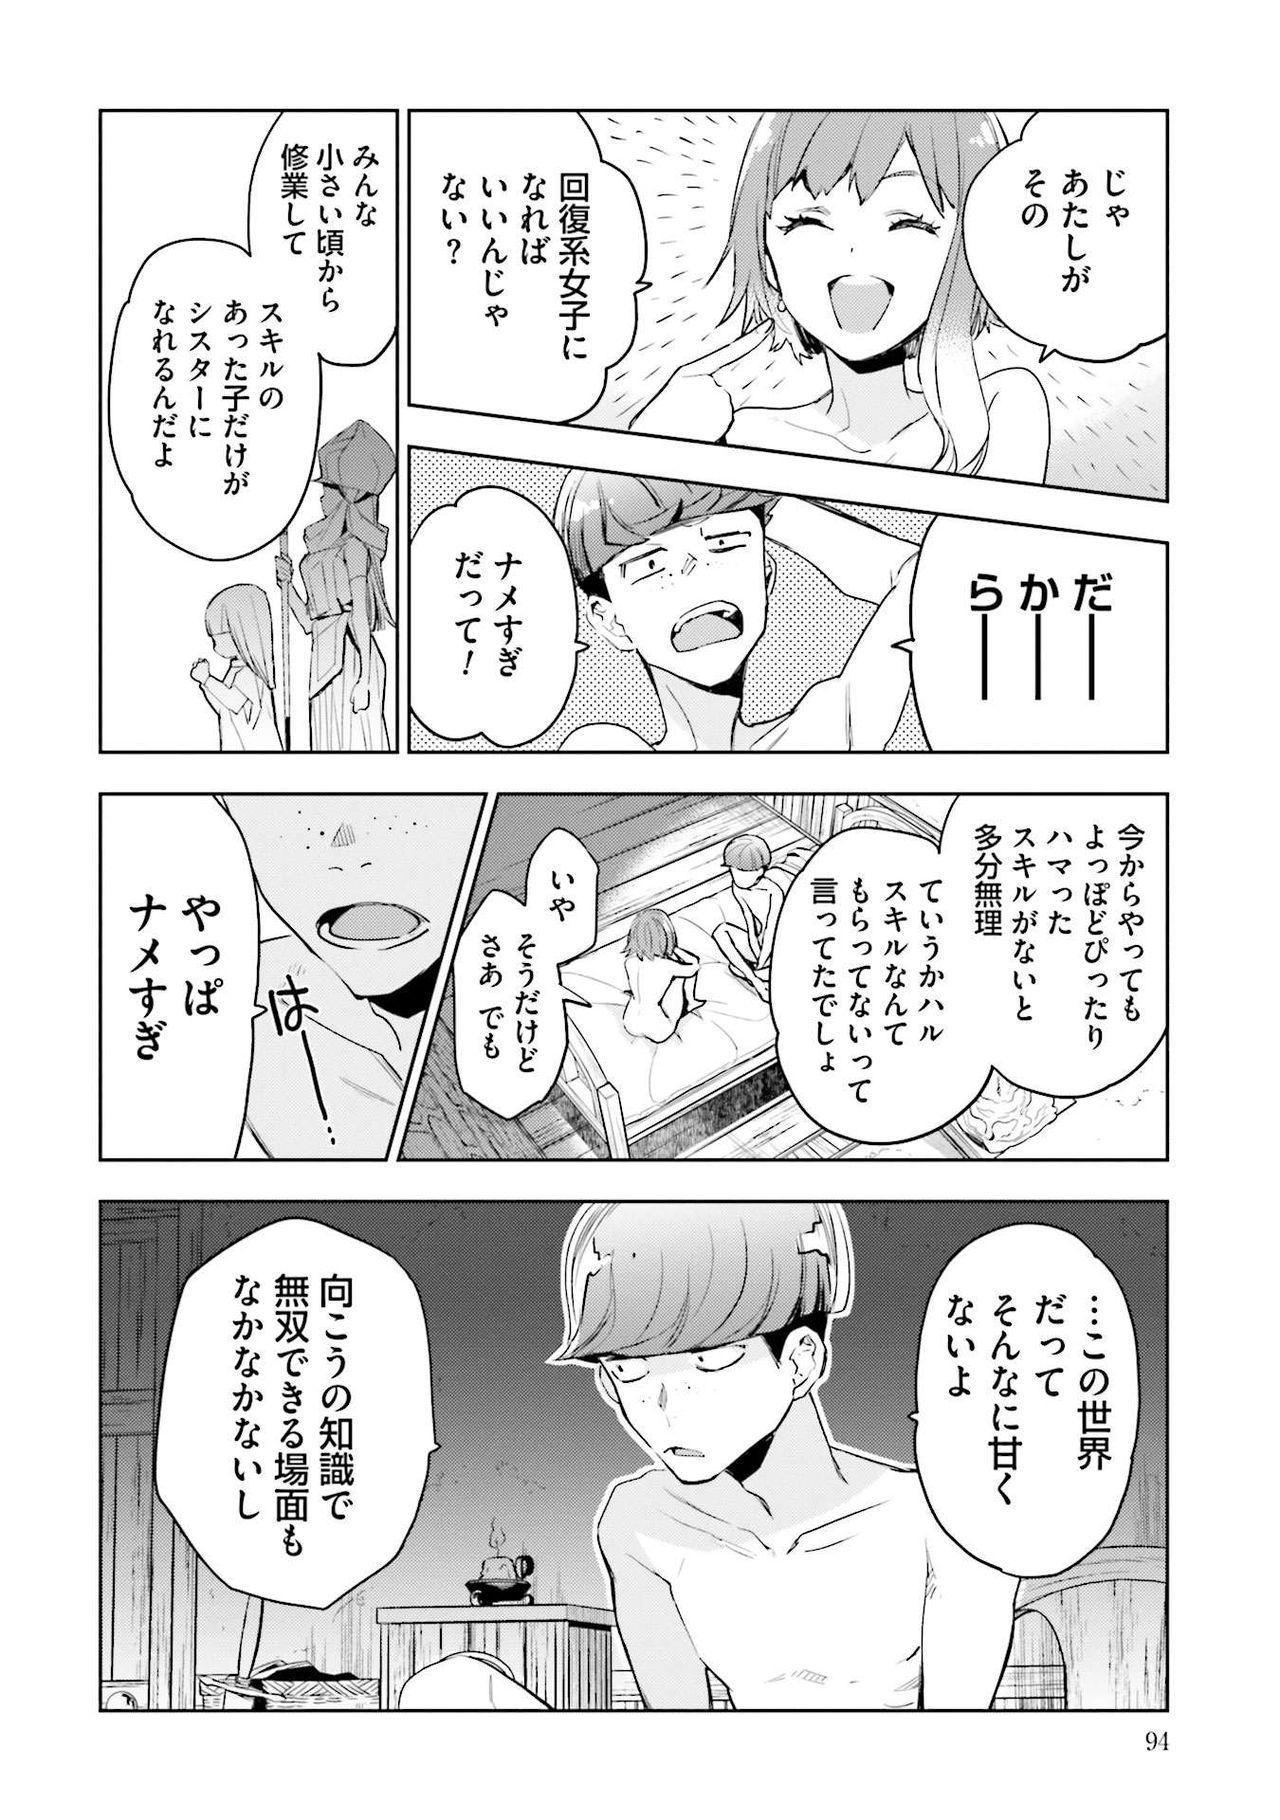 JK Haru wa Isekai de Shoufu ni Natta 1-14 95